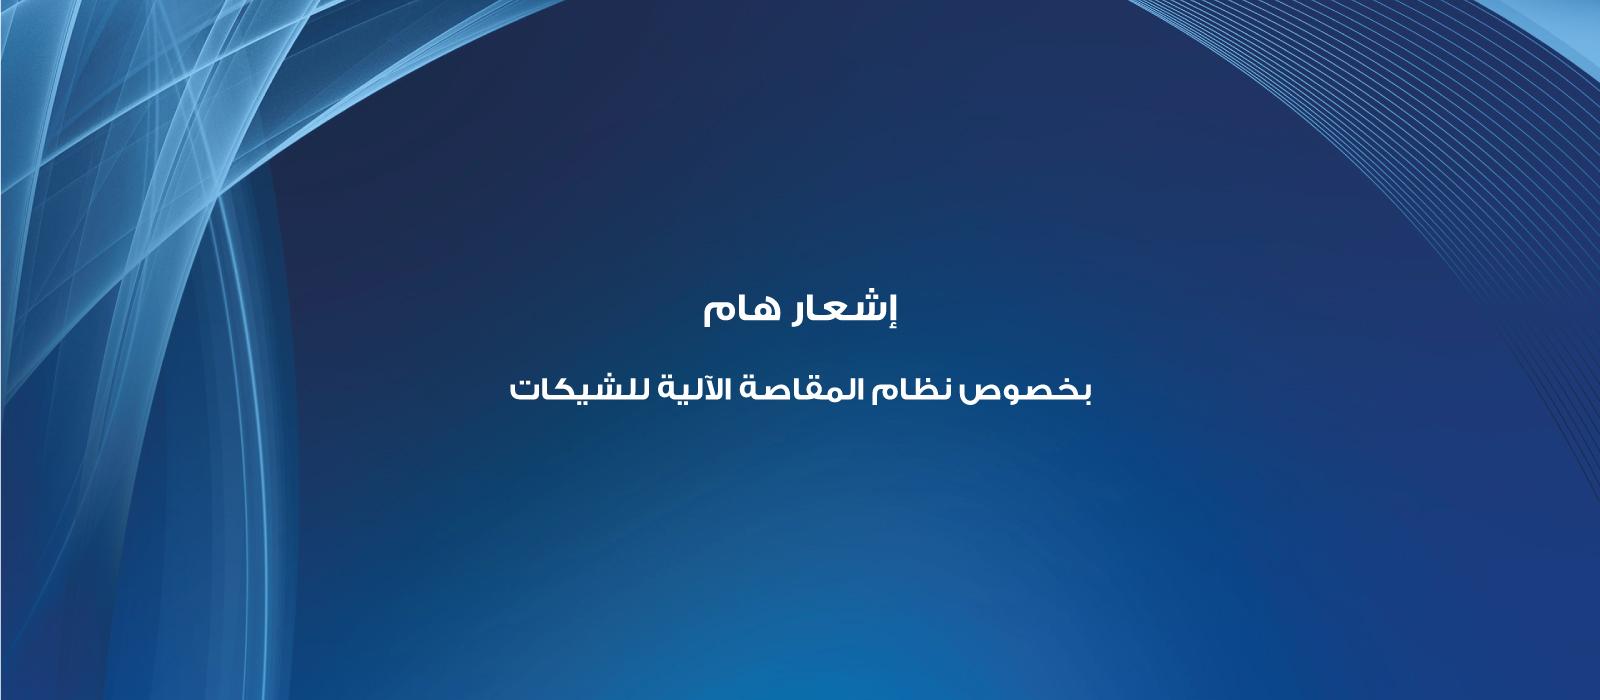 Website-Banner-amend2-A